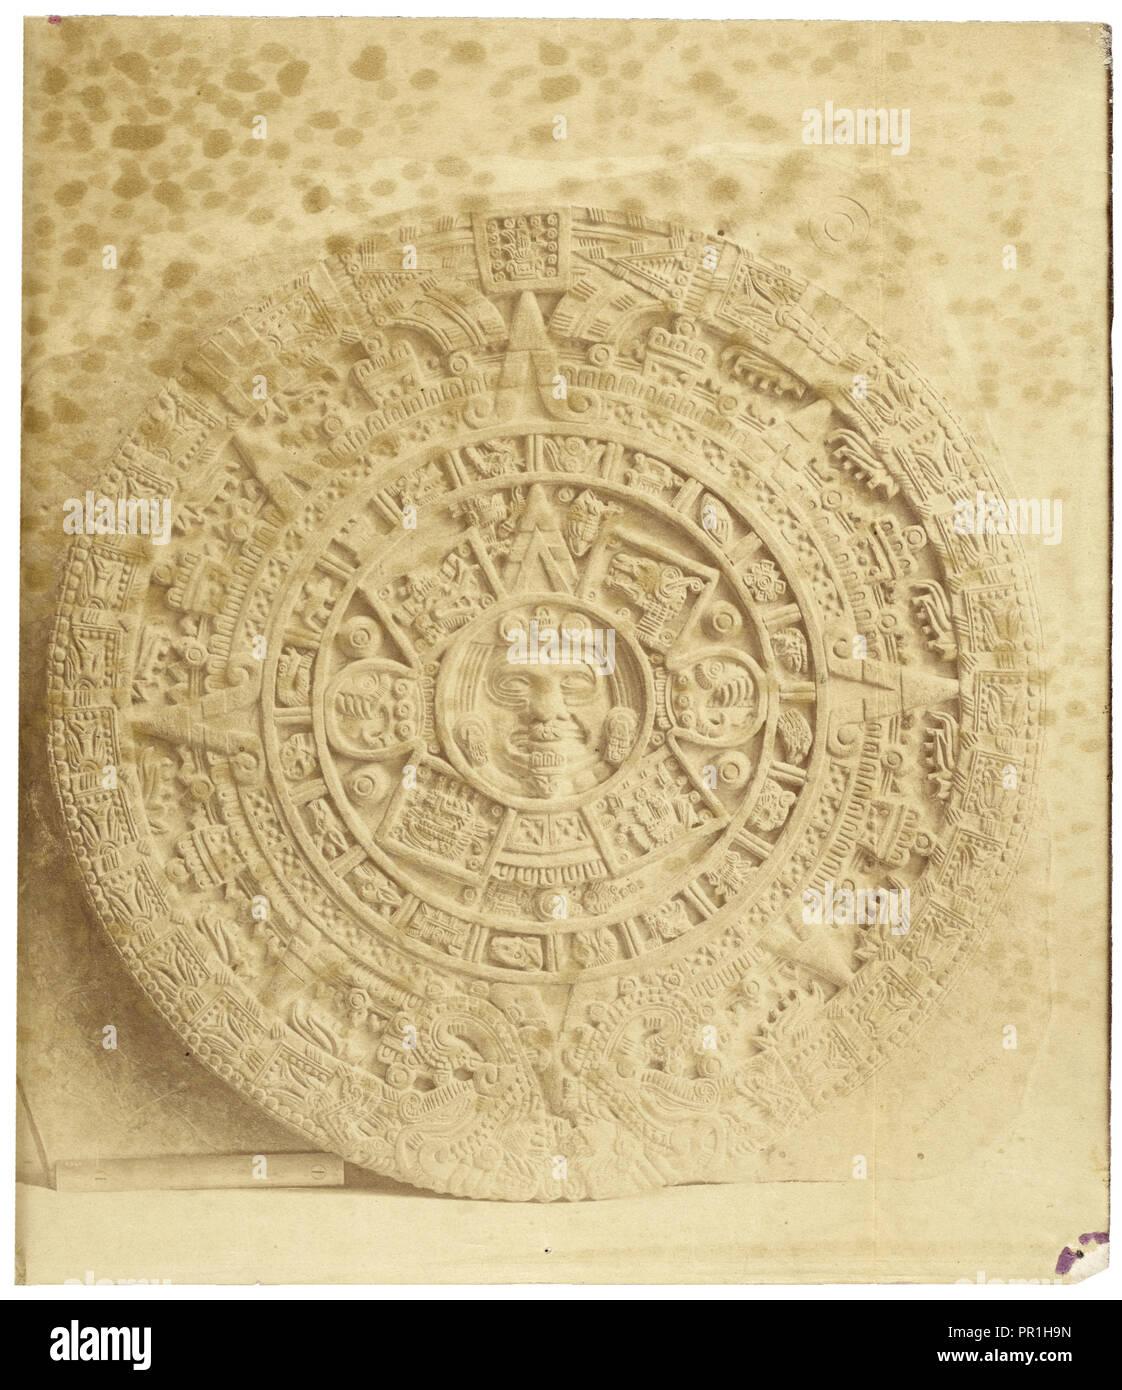 Abadiano il cast del Calendario azteco pietra, Estudio arqueológico y jeroglífico del Calendario ó gran libro astronómico Immagini Stock